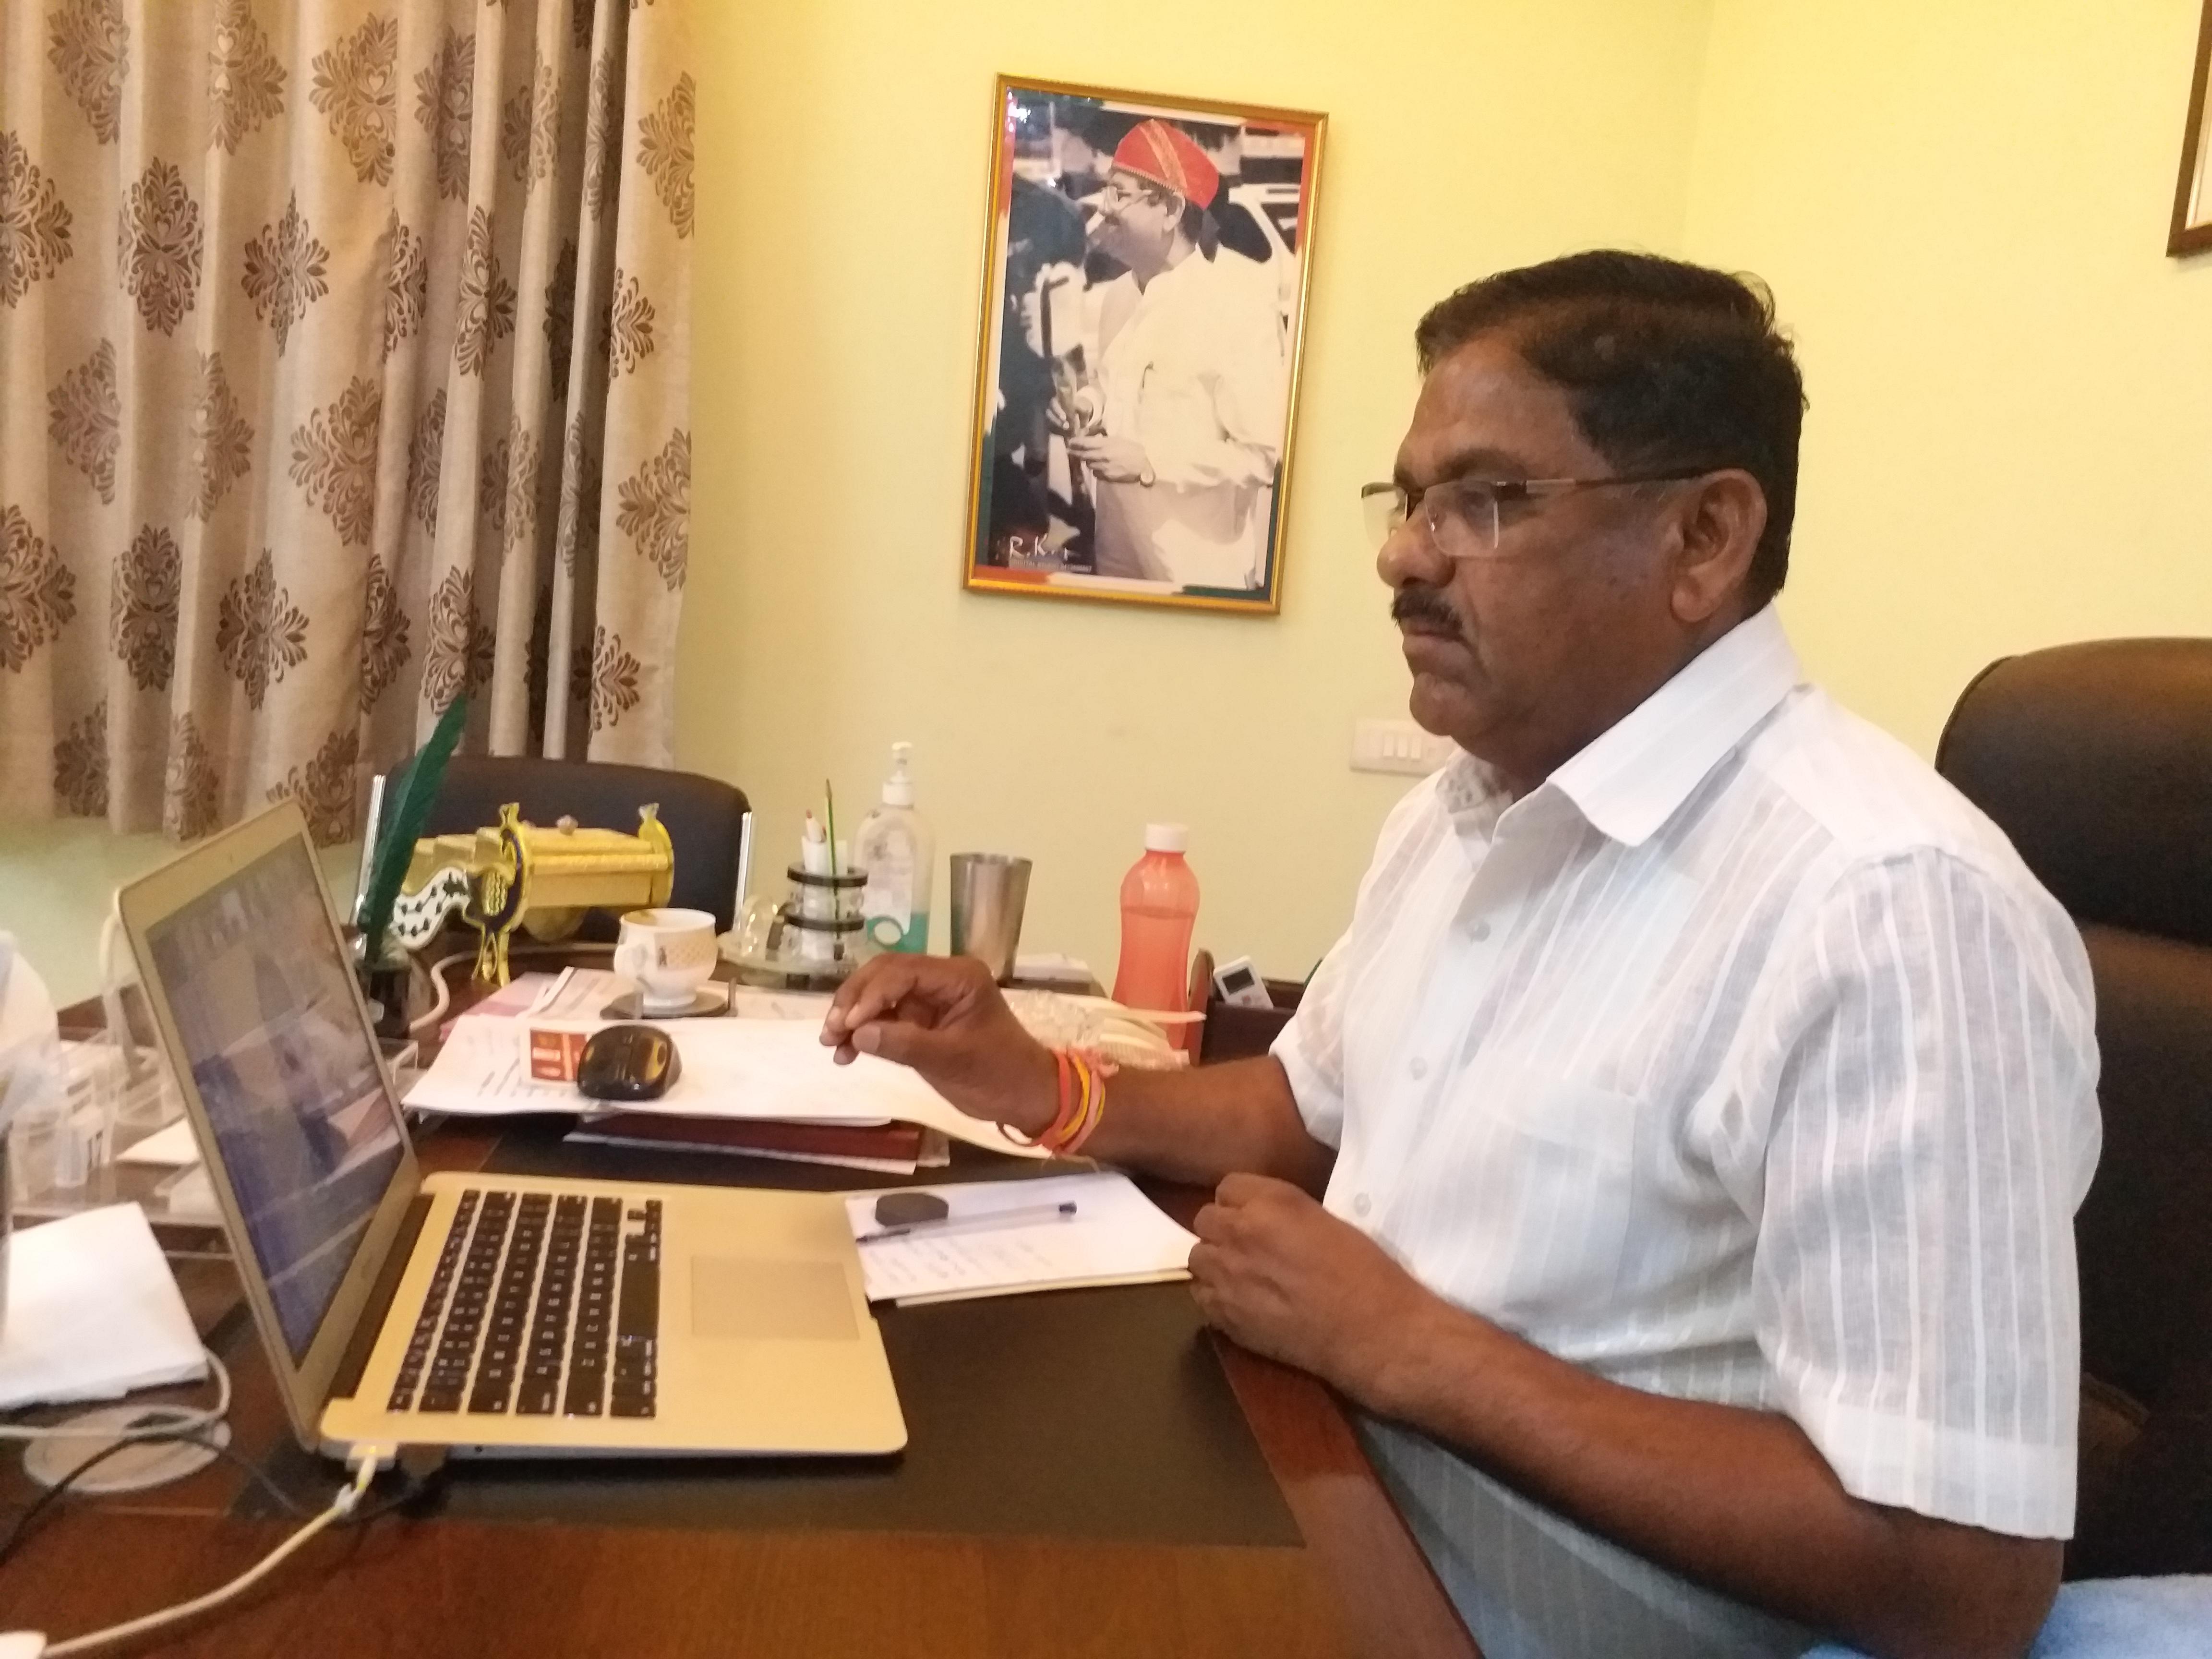 Raghuveer Singh Meena attended the CWC meeting